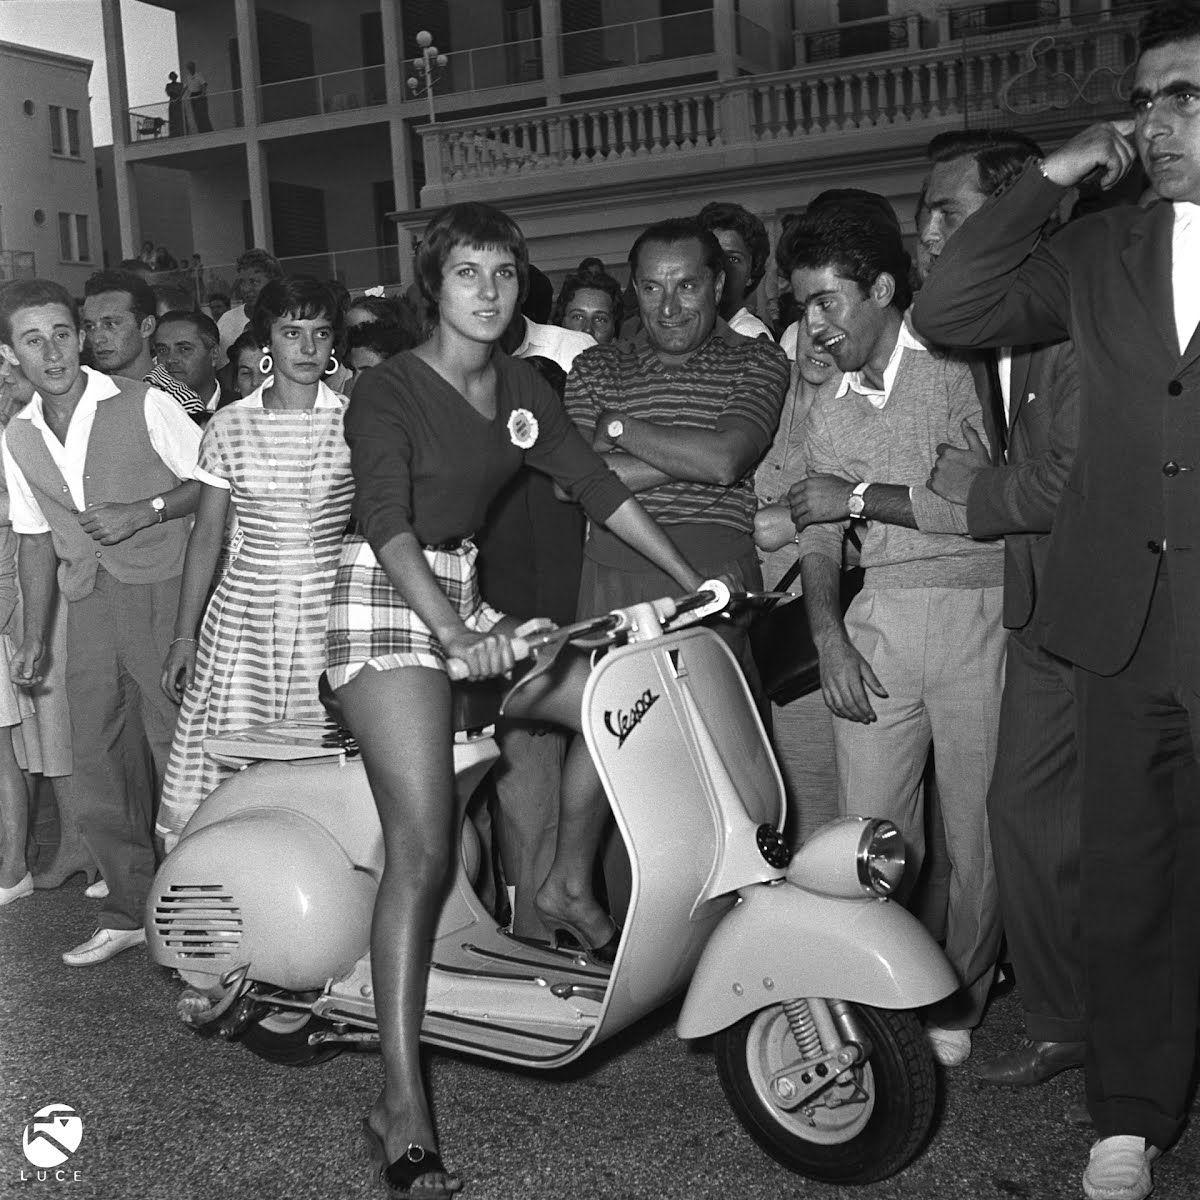 Anna Tonella Autori modelling for the Vespa competition in the streets of Rimini, Italy, 1963